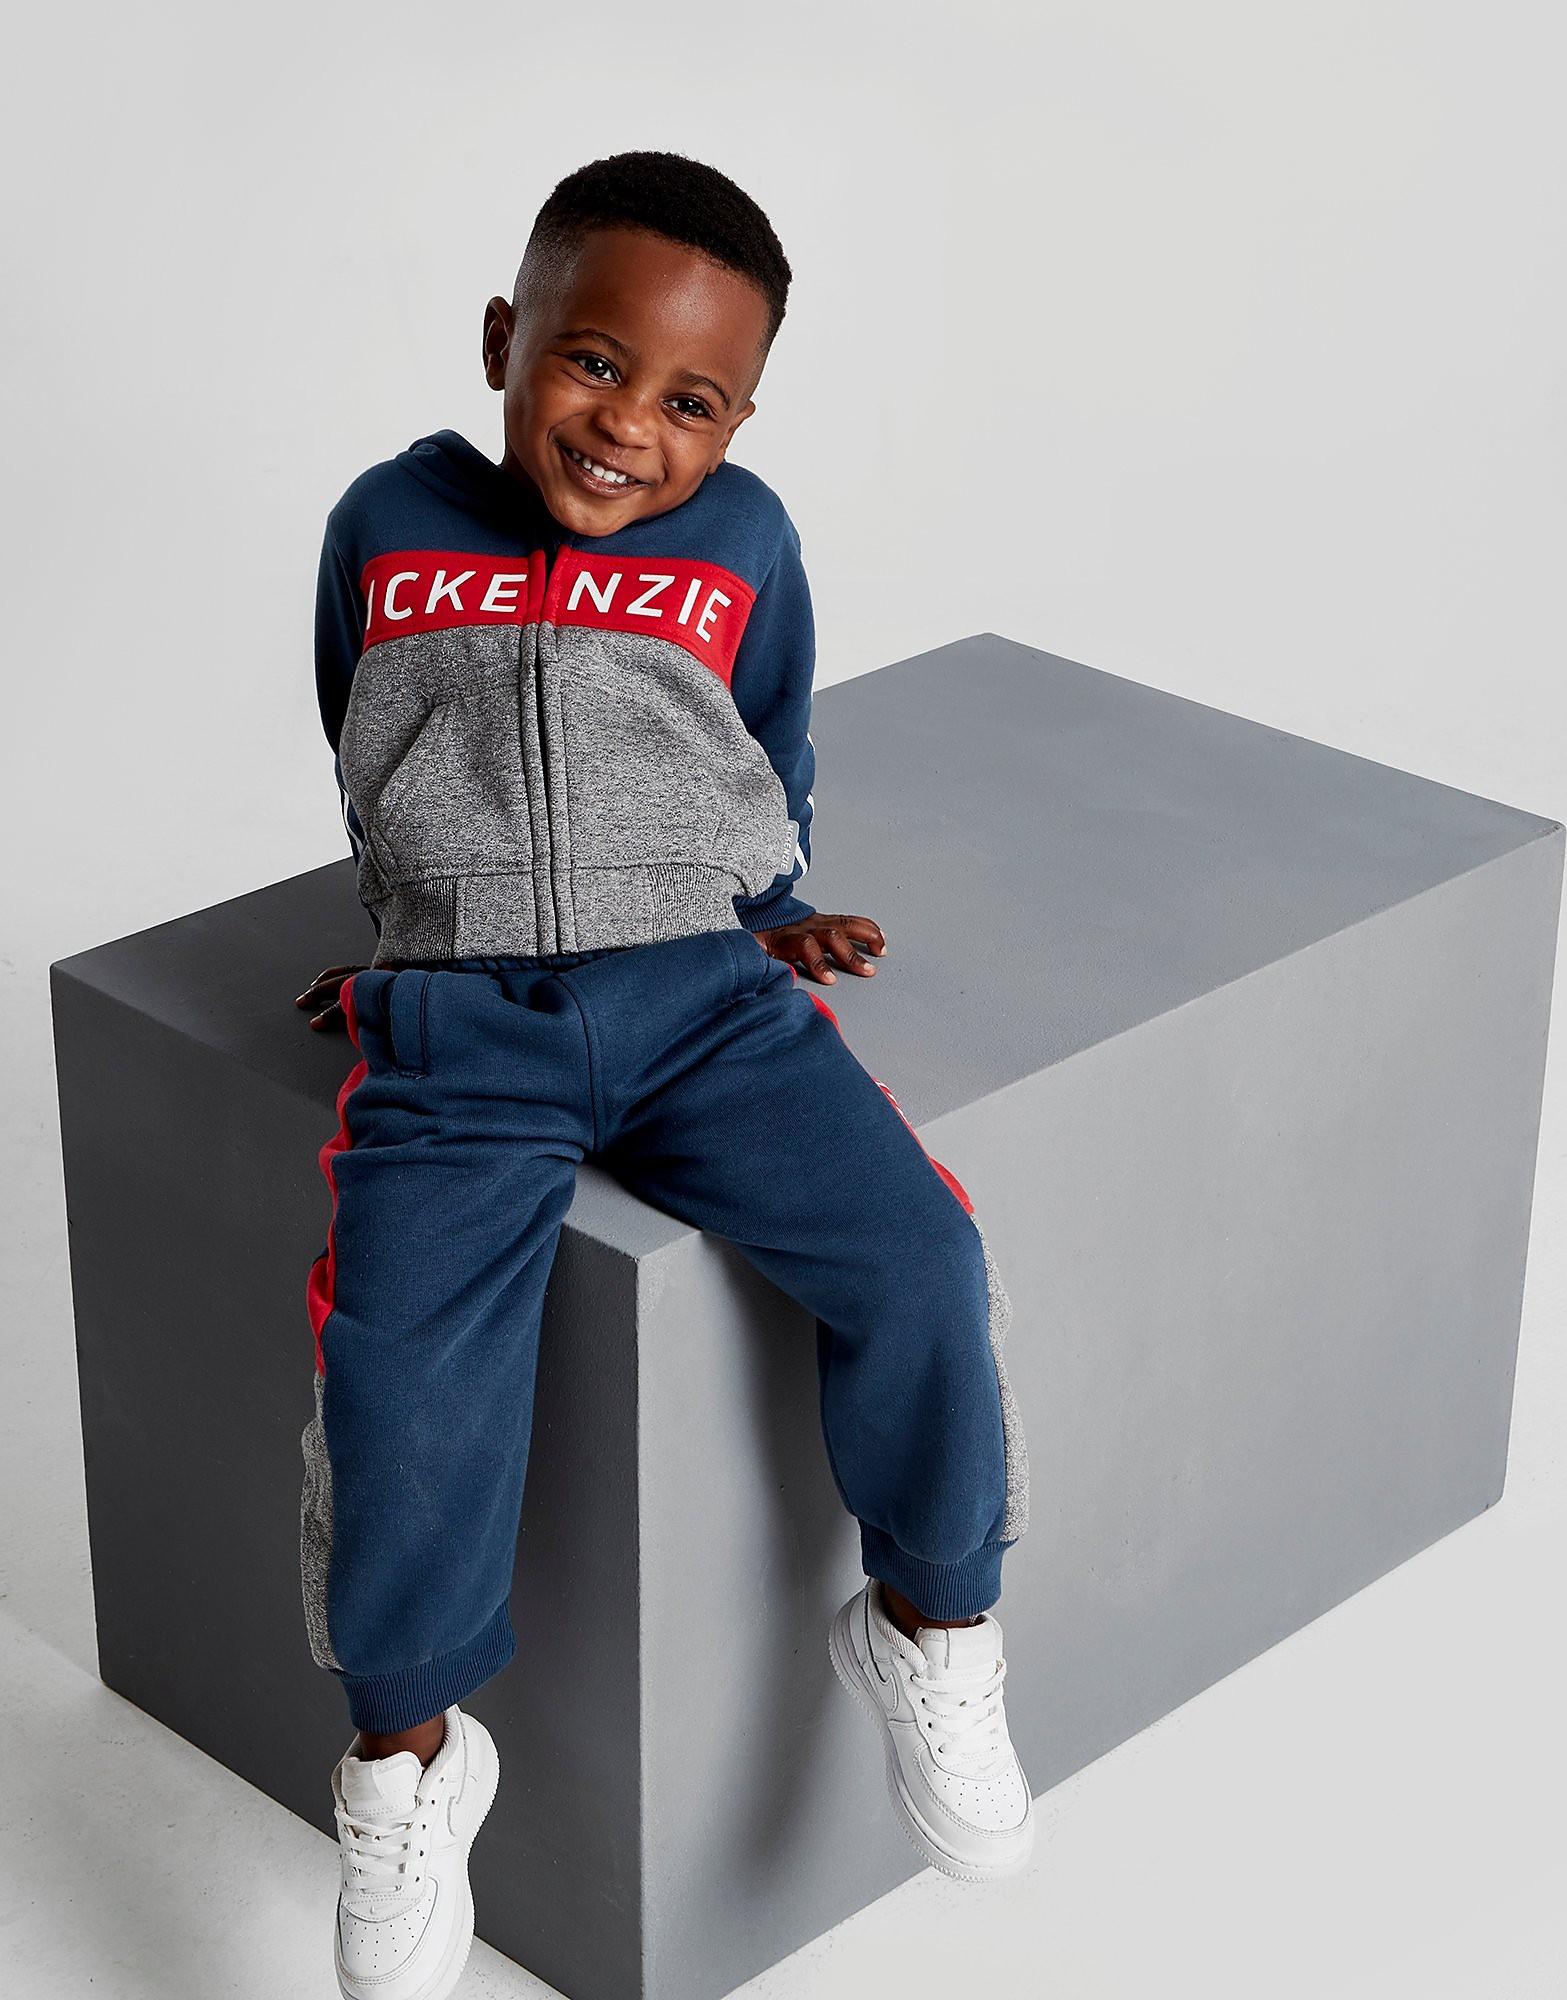 McKenzie Tillman Suit Baby's